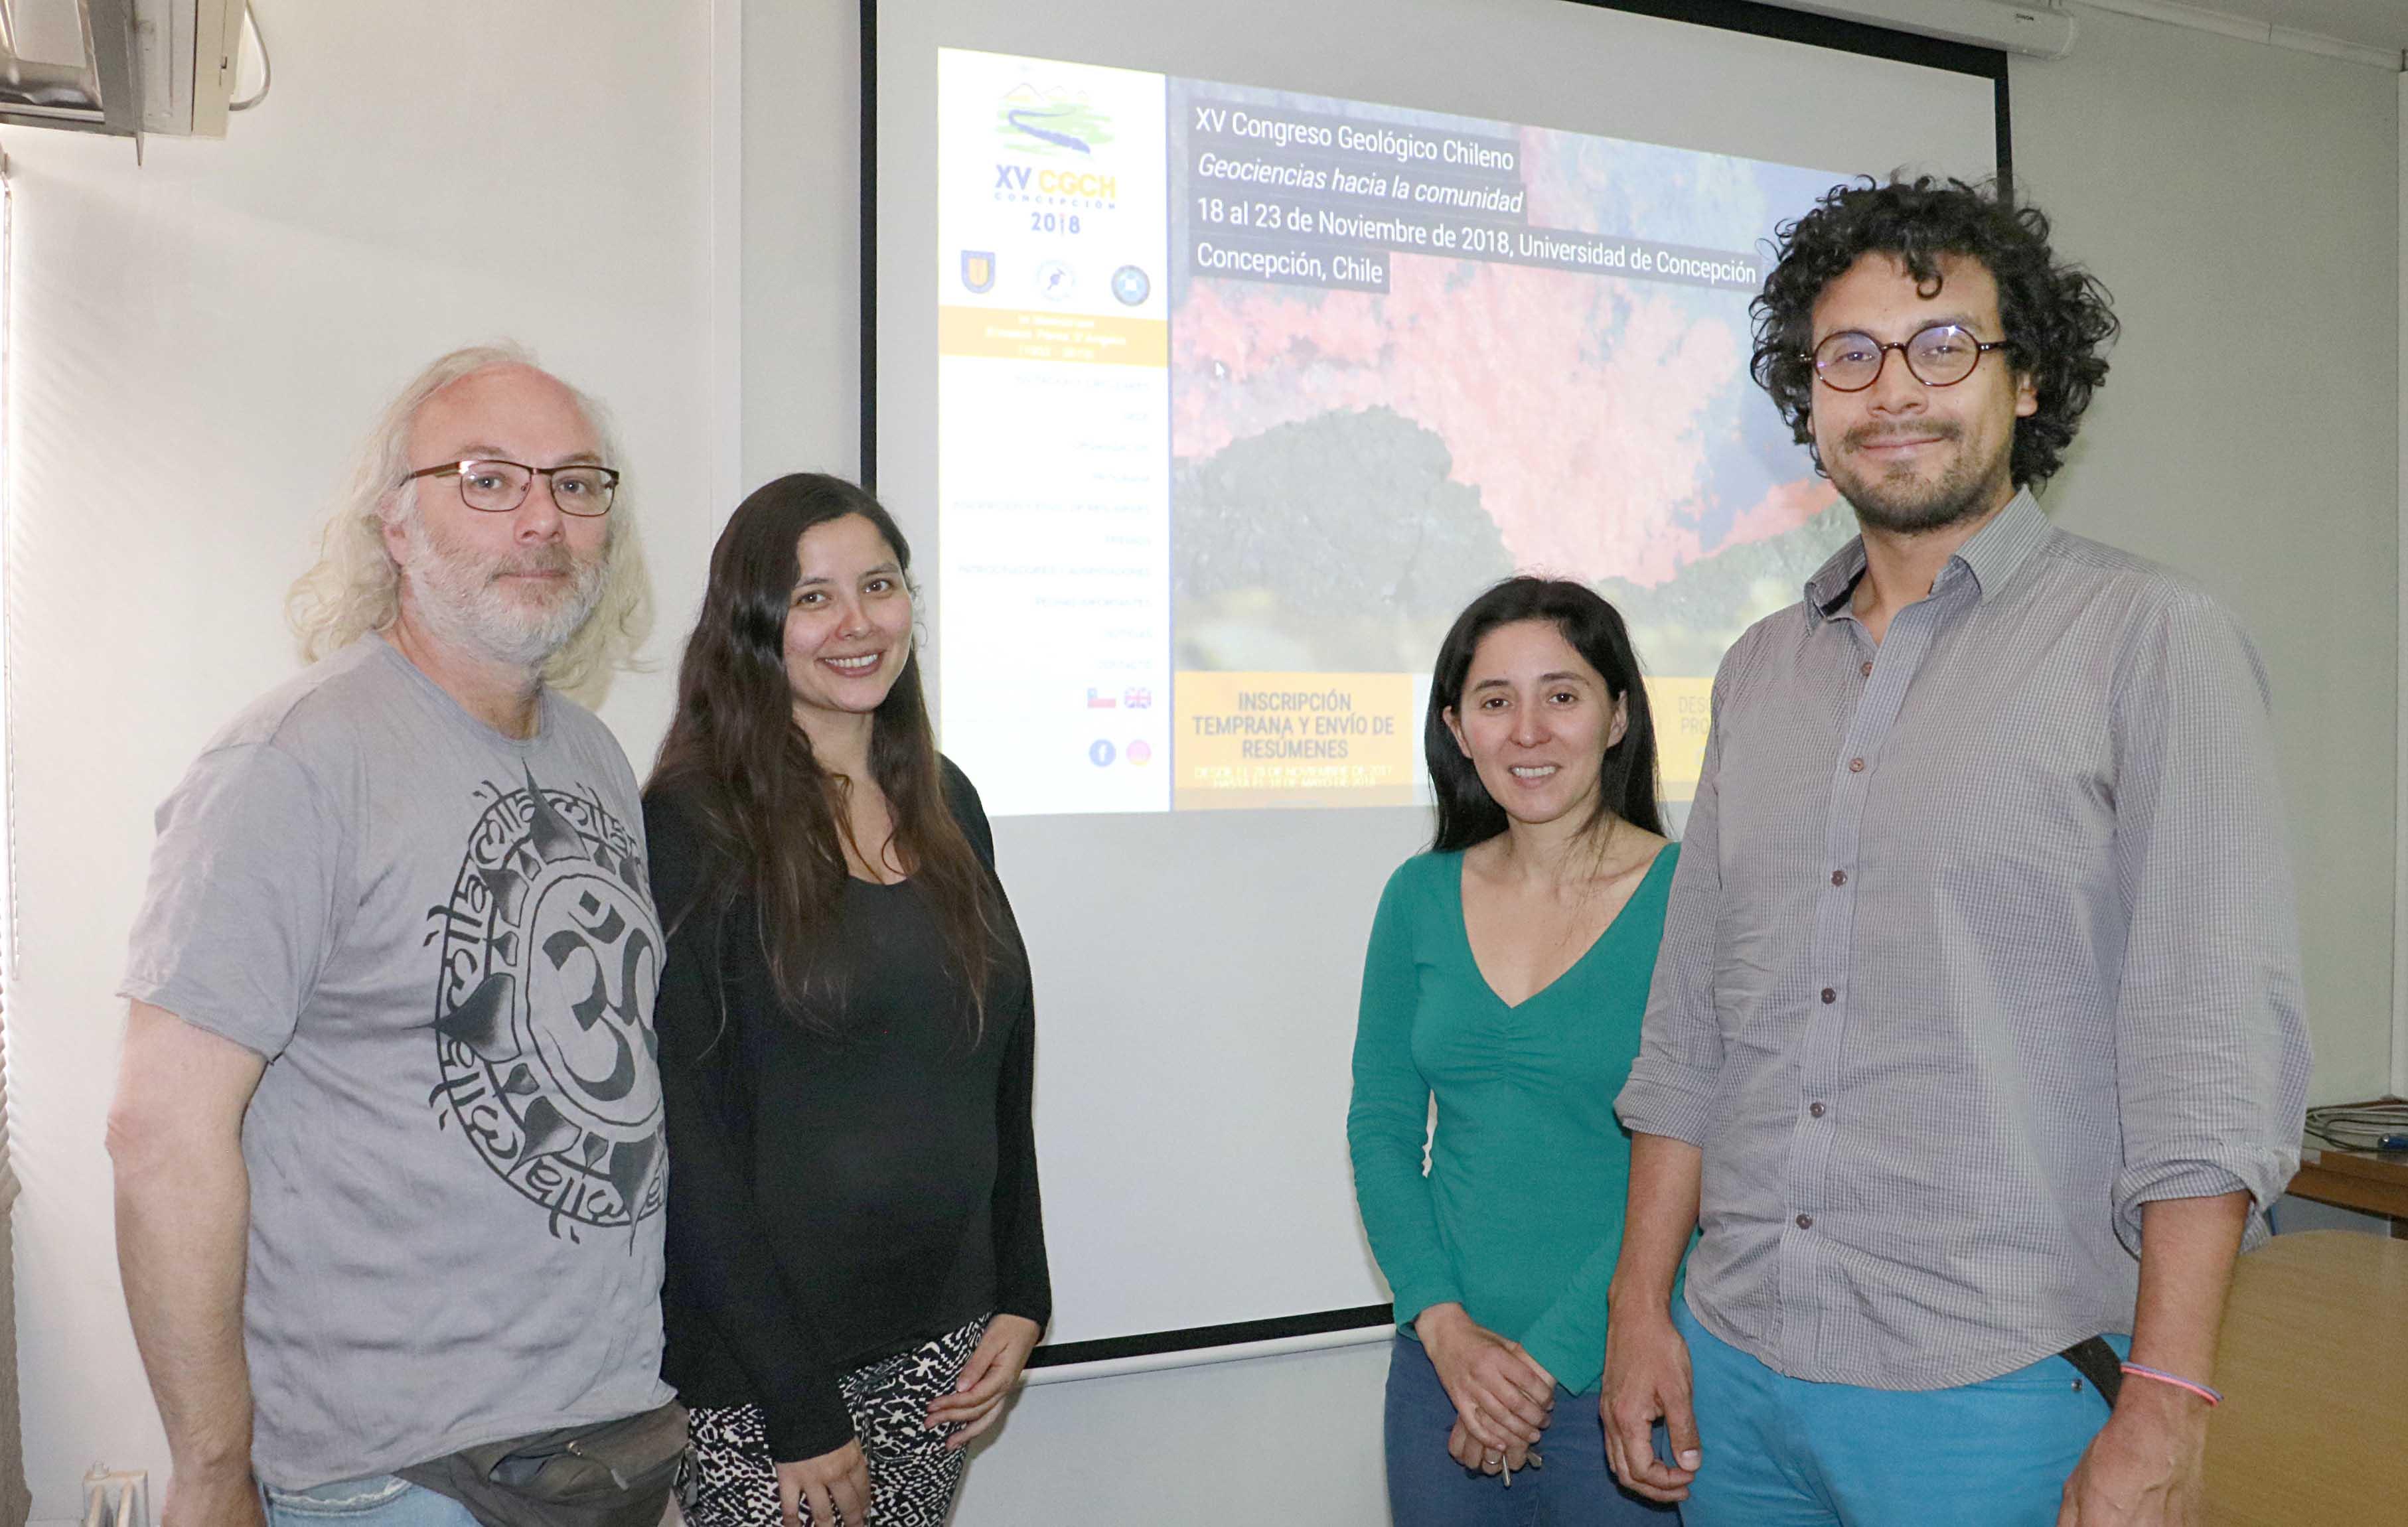 Se abrieron inscripciones para el XV Congreso Geológico Chileno